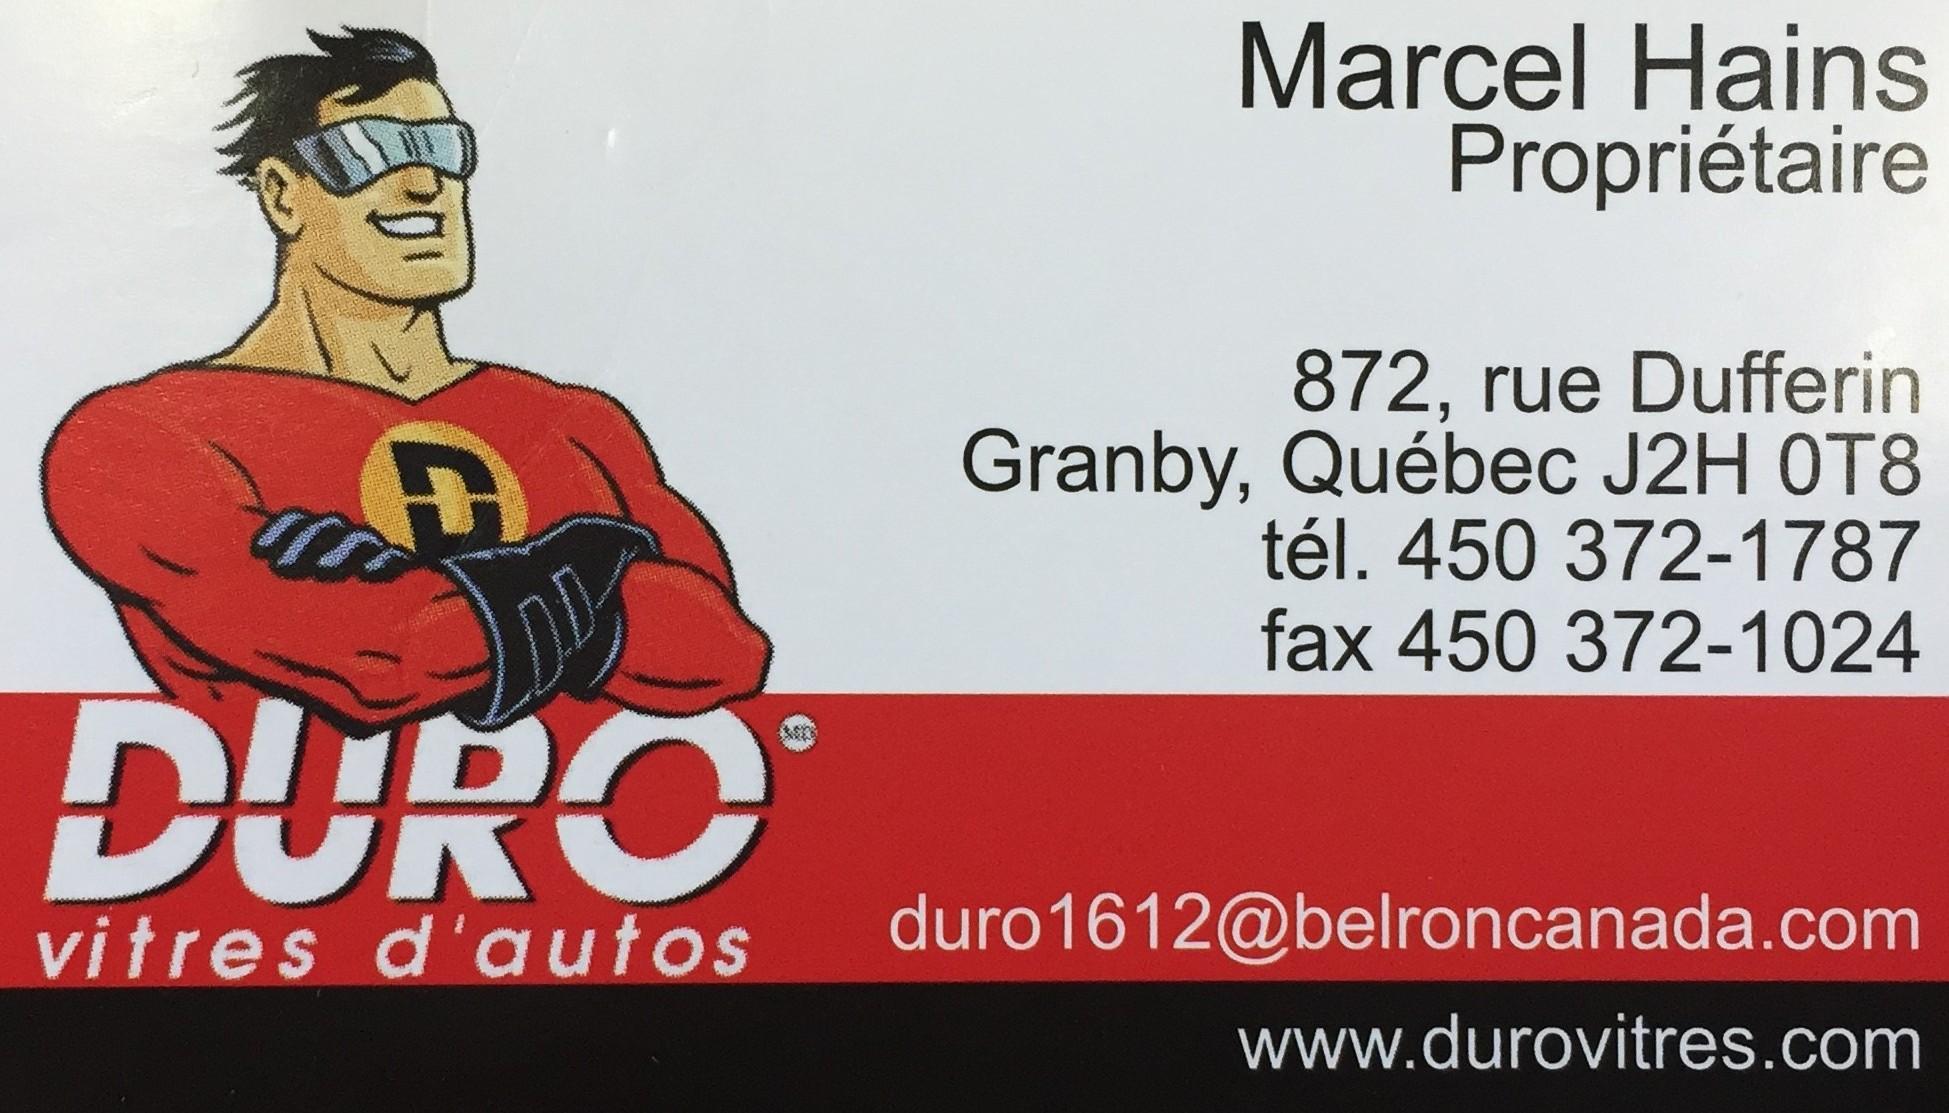 Duro1